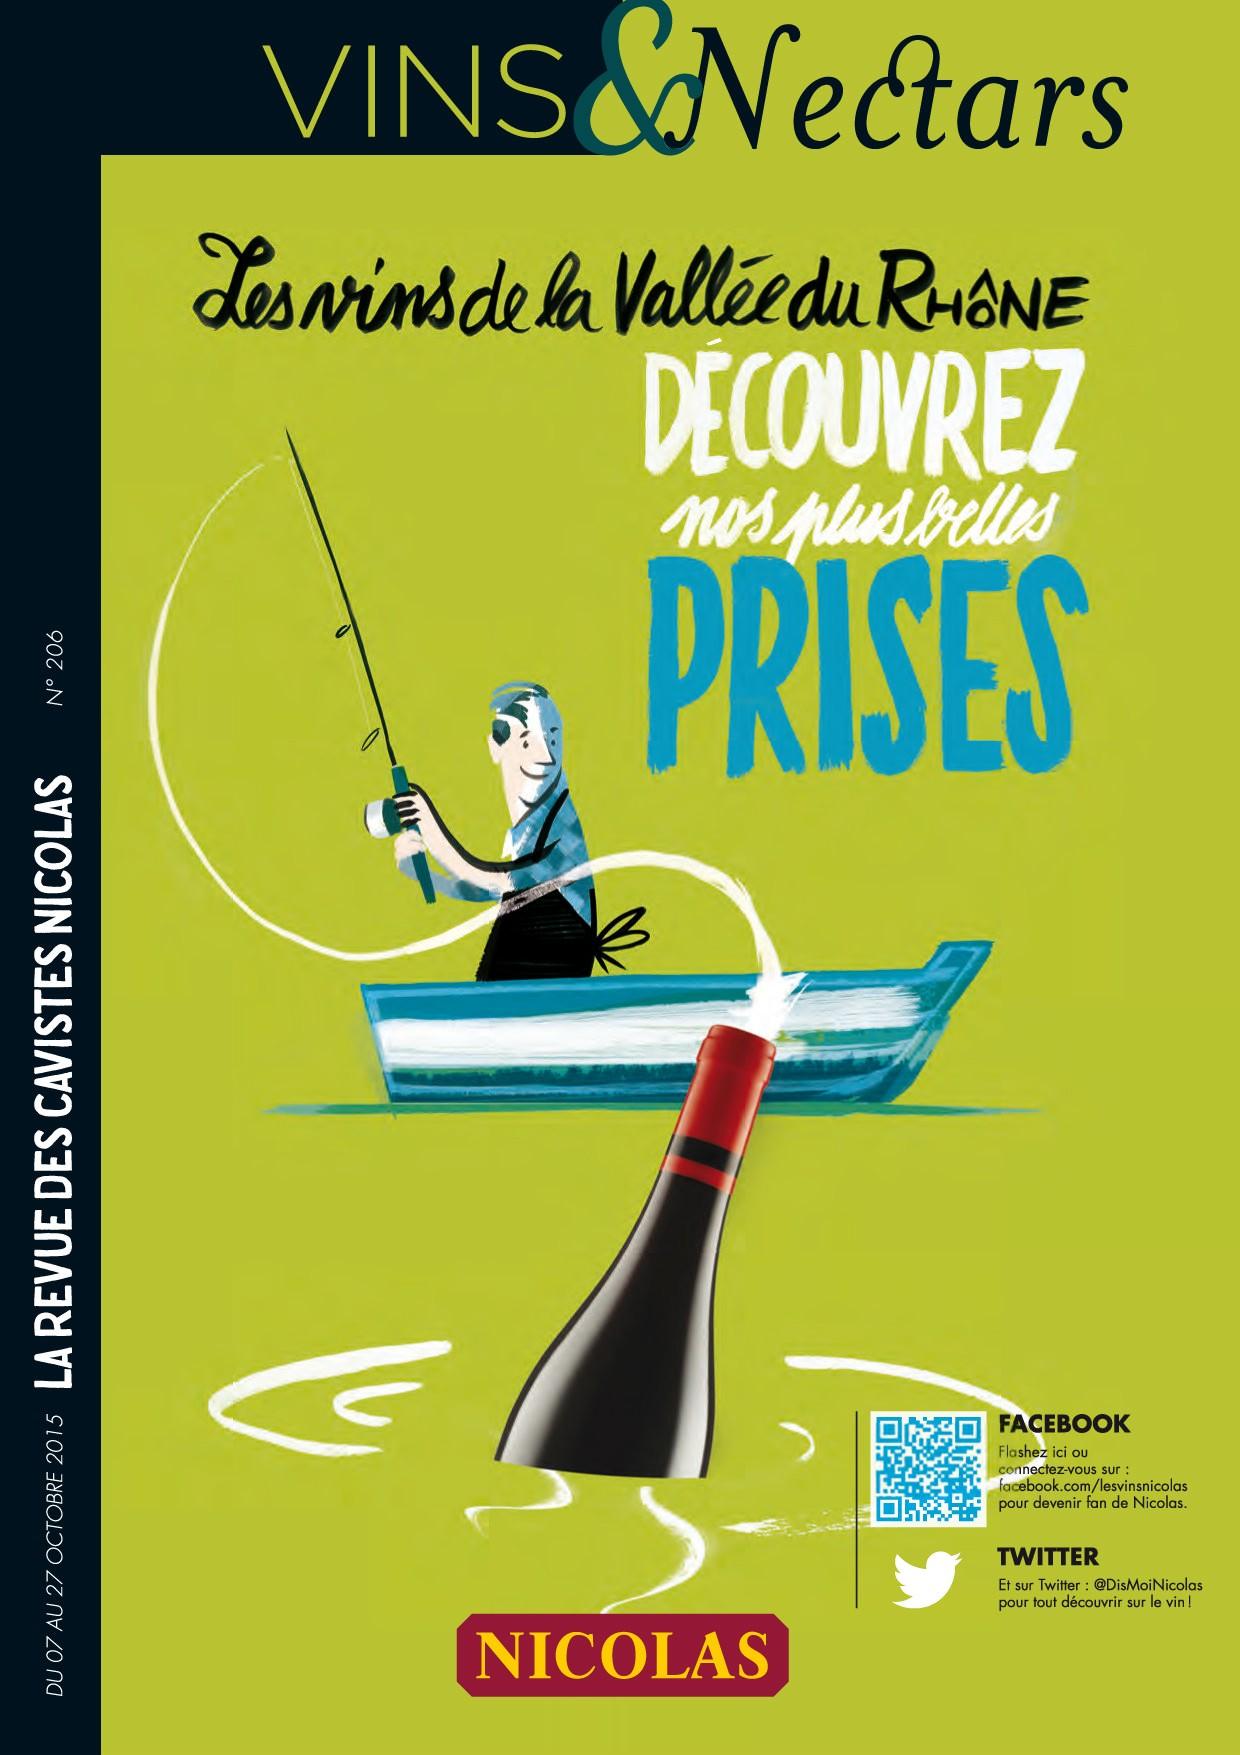 Nicolas - Découvrez nos plus belles prises - Agence Australie - France 2015